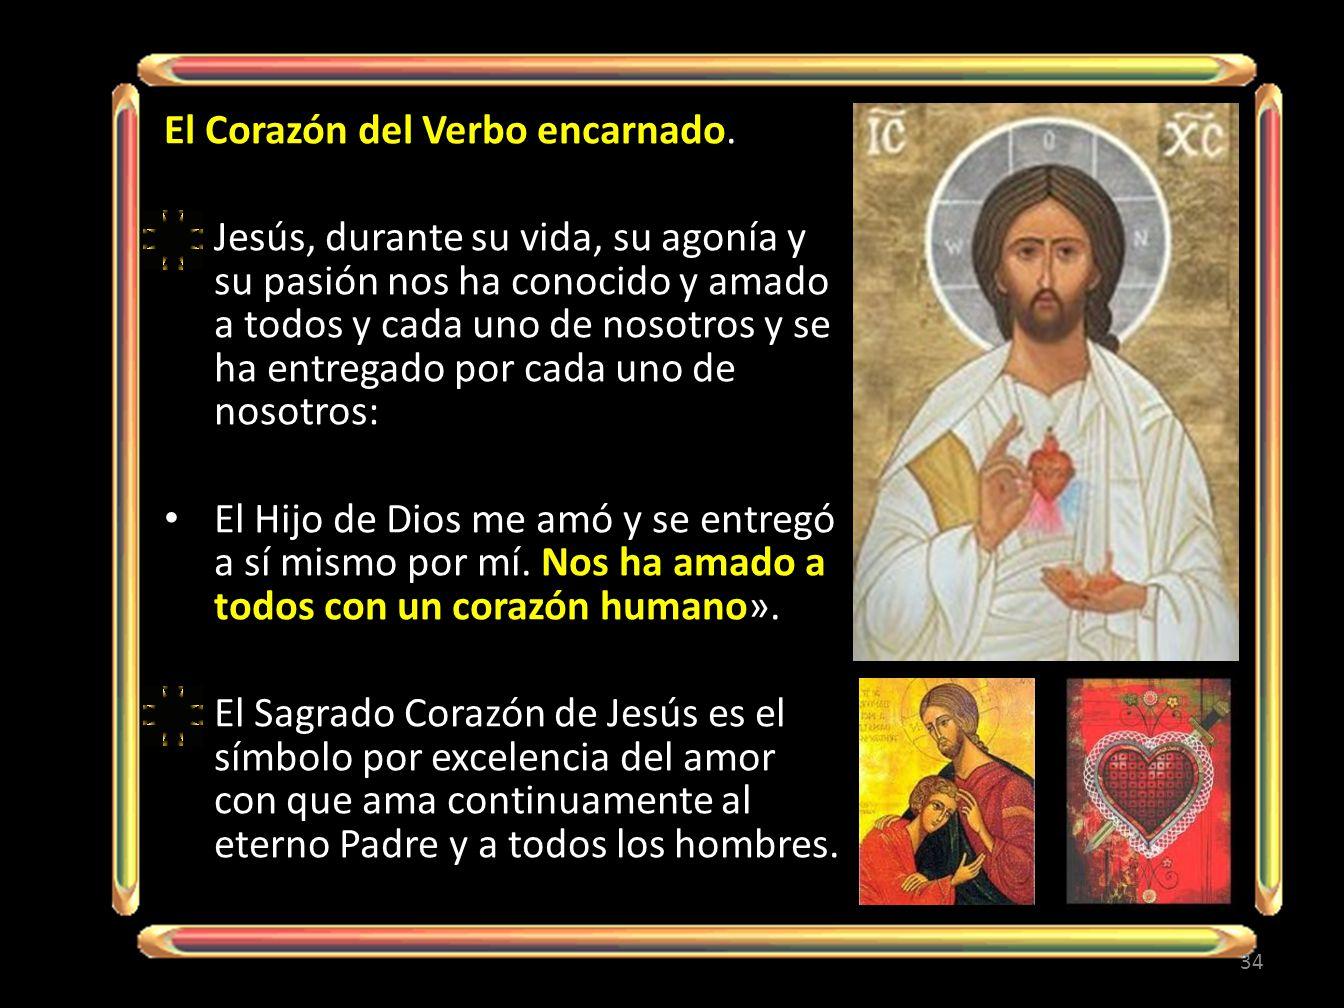 El Corazón del Verbo encarnado. Jesús, durante su vida, su agonía y su pasión nos ha conocido y amado a todos y cada uno de nosotros y se ha entregado